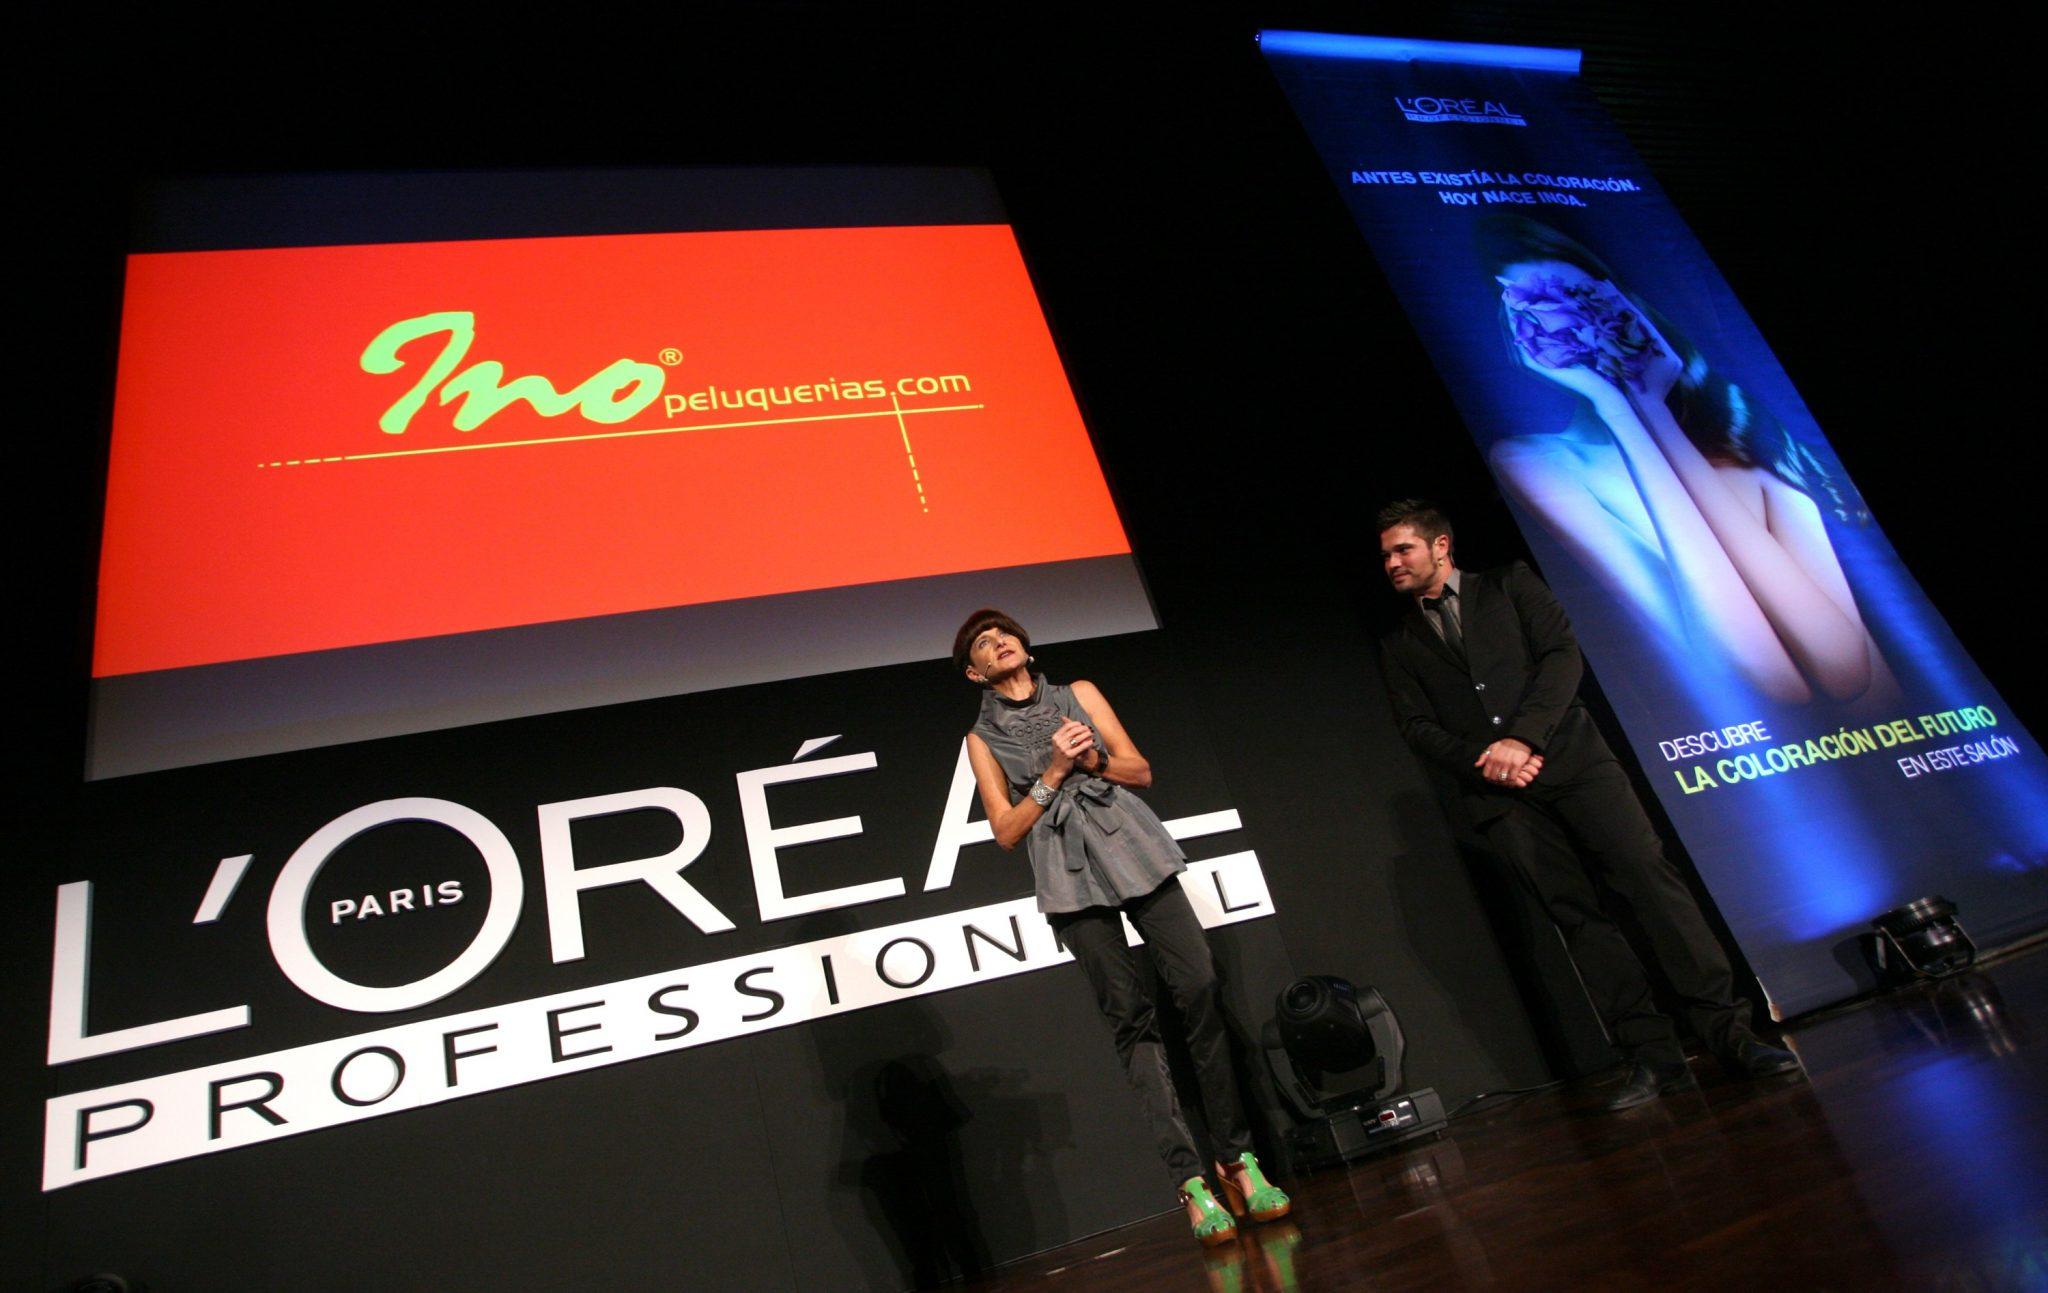 Ino Peluquerías peinará en la Fashion Week Madrid este 15 de septiembre colaborando con L'Oréal Profesional